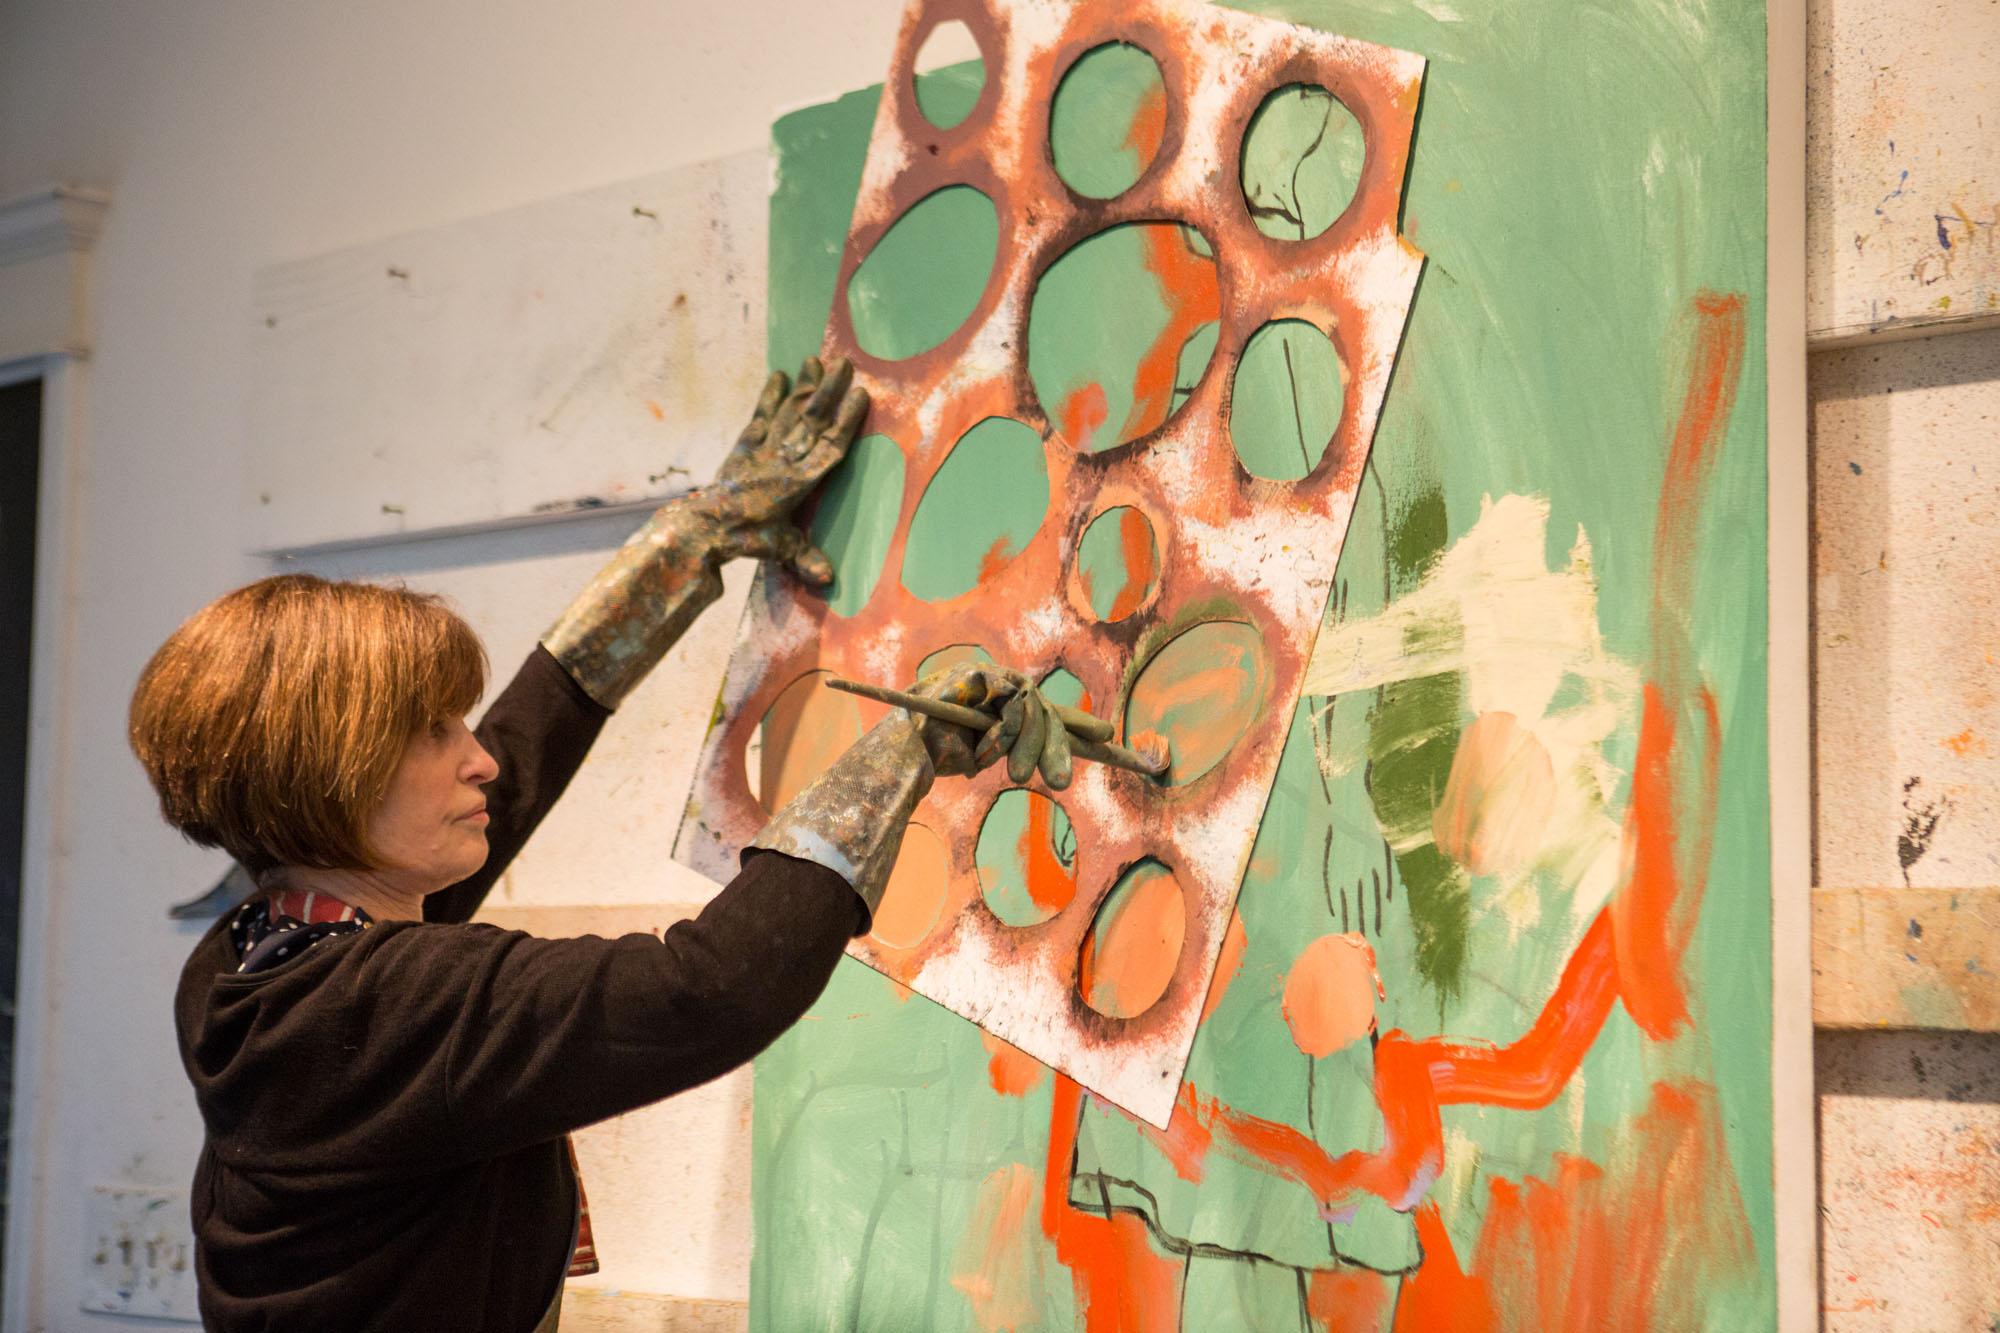 Linda-Christensen-artist-studio-branding-photos-oil-painter05.jpg